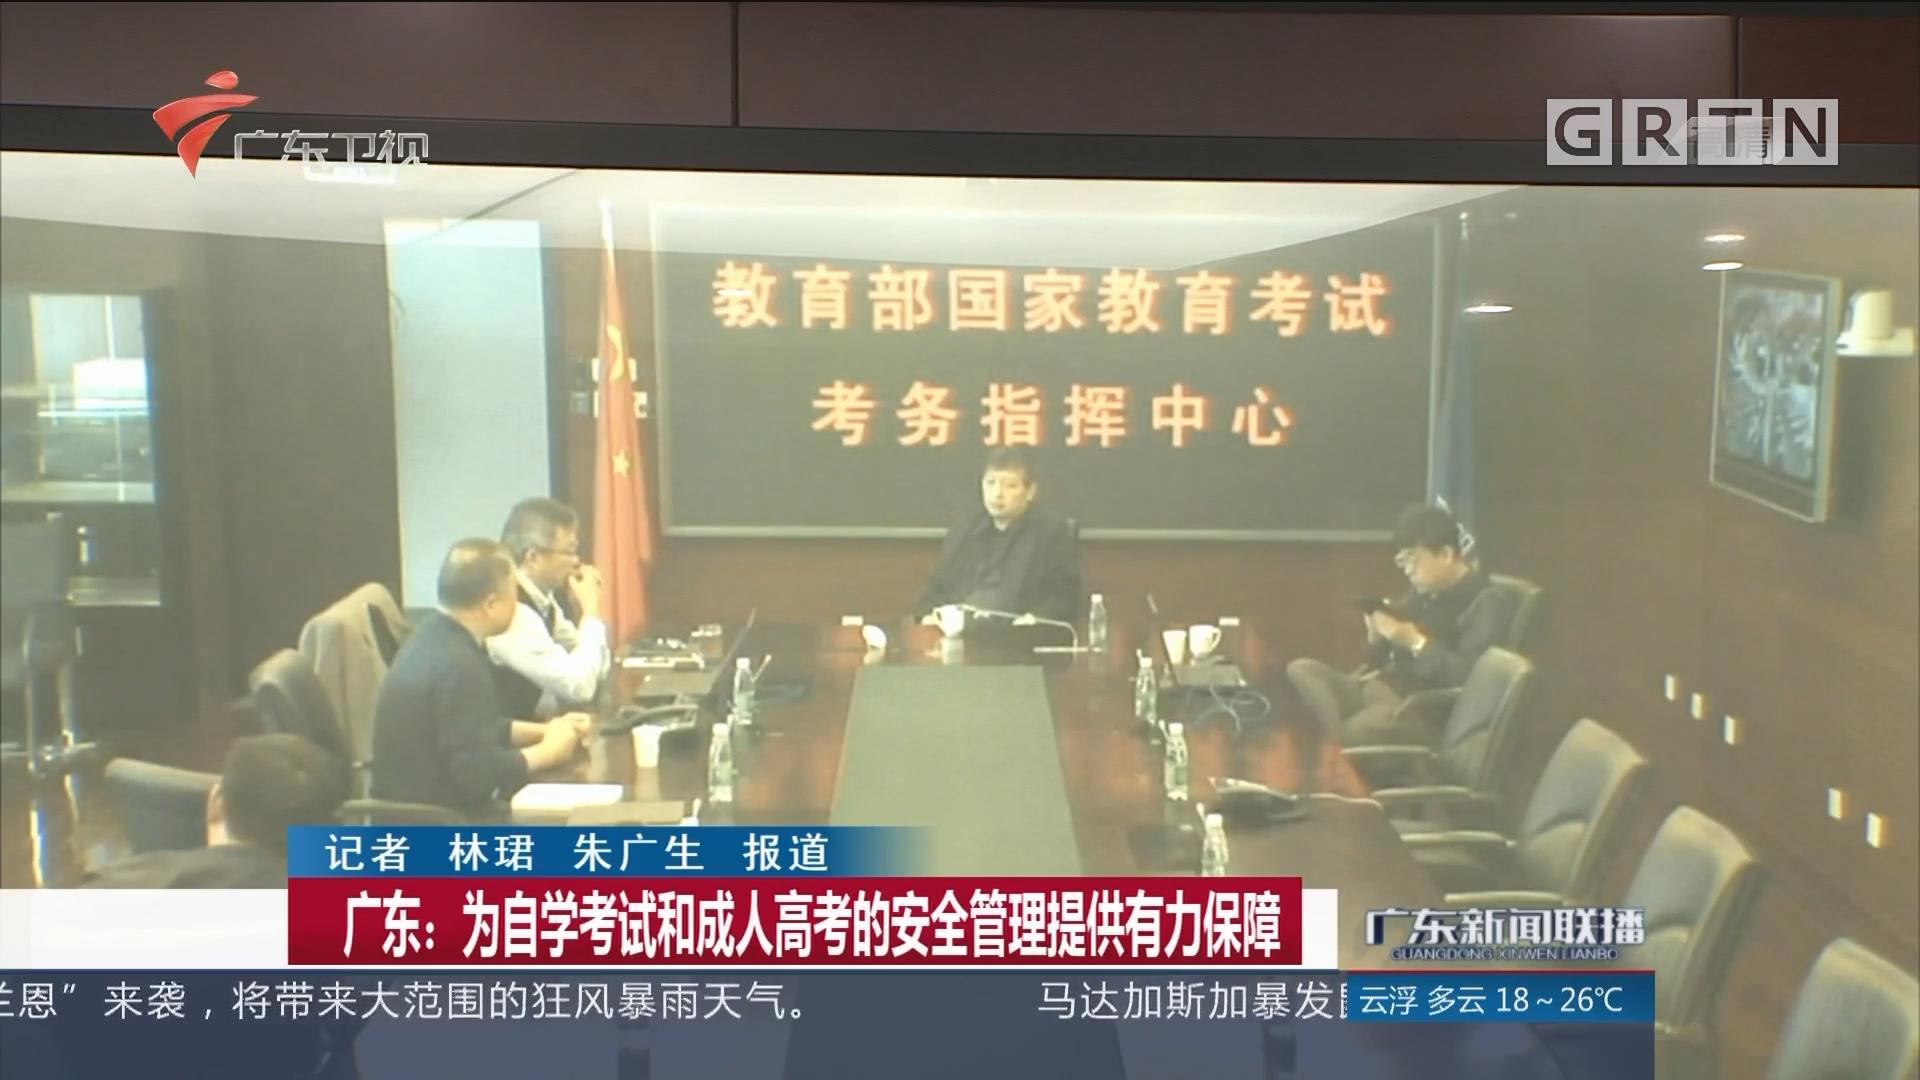 广东:为自学考试和成人高考的安全管理提供有力保障